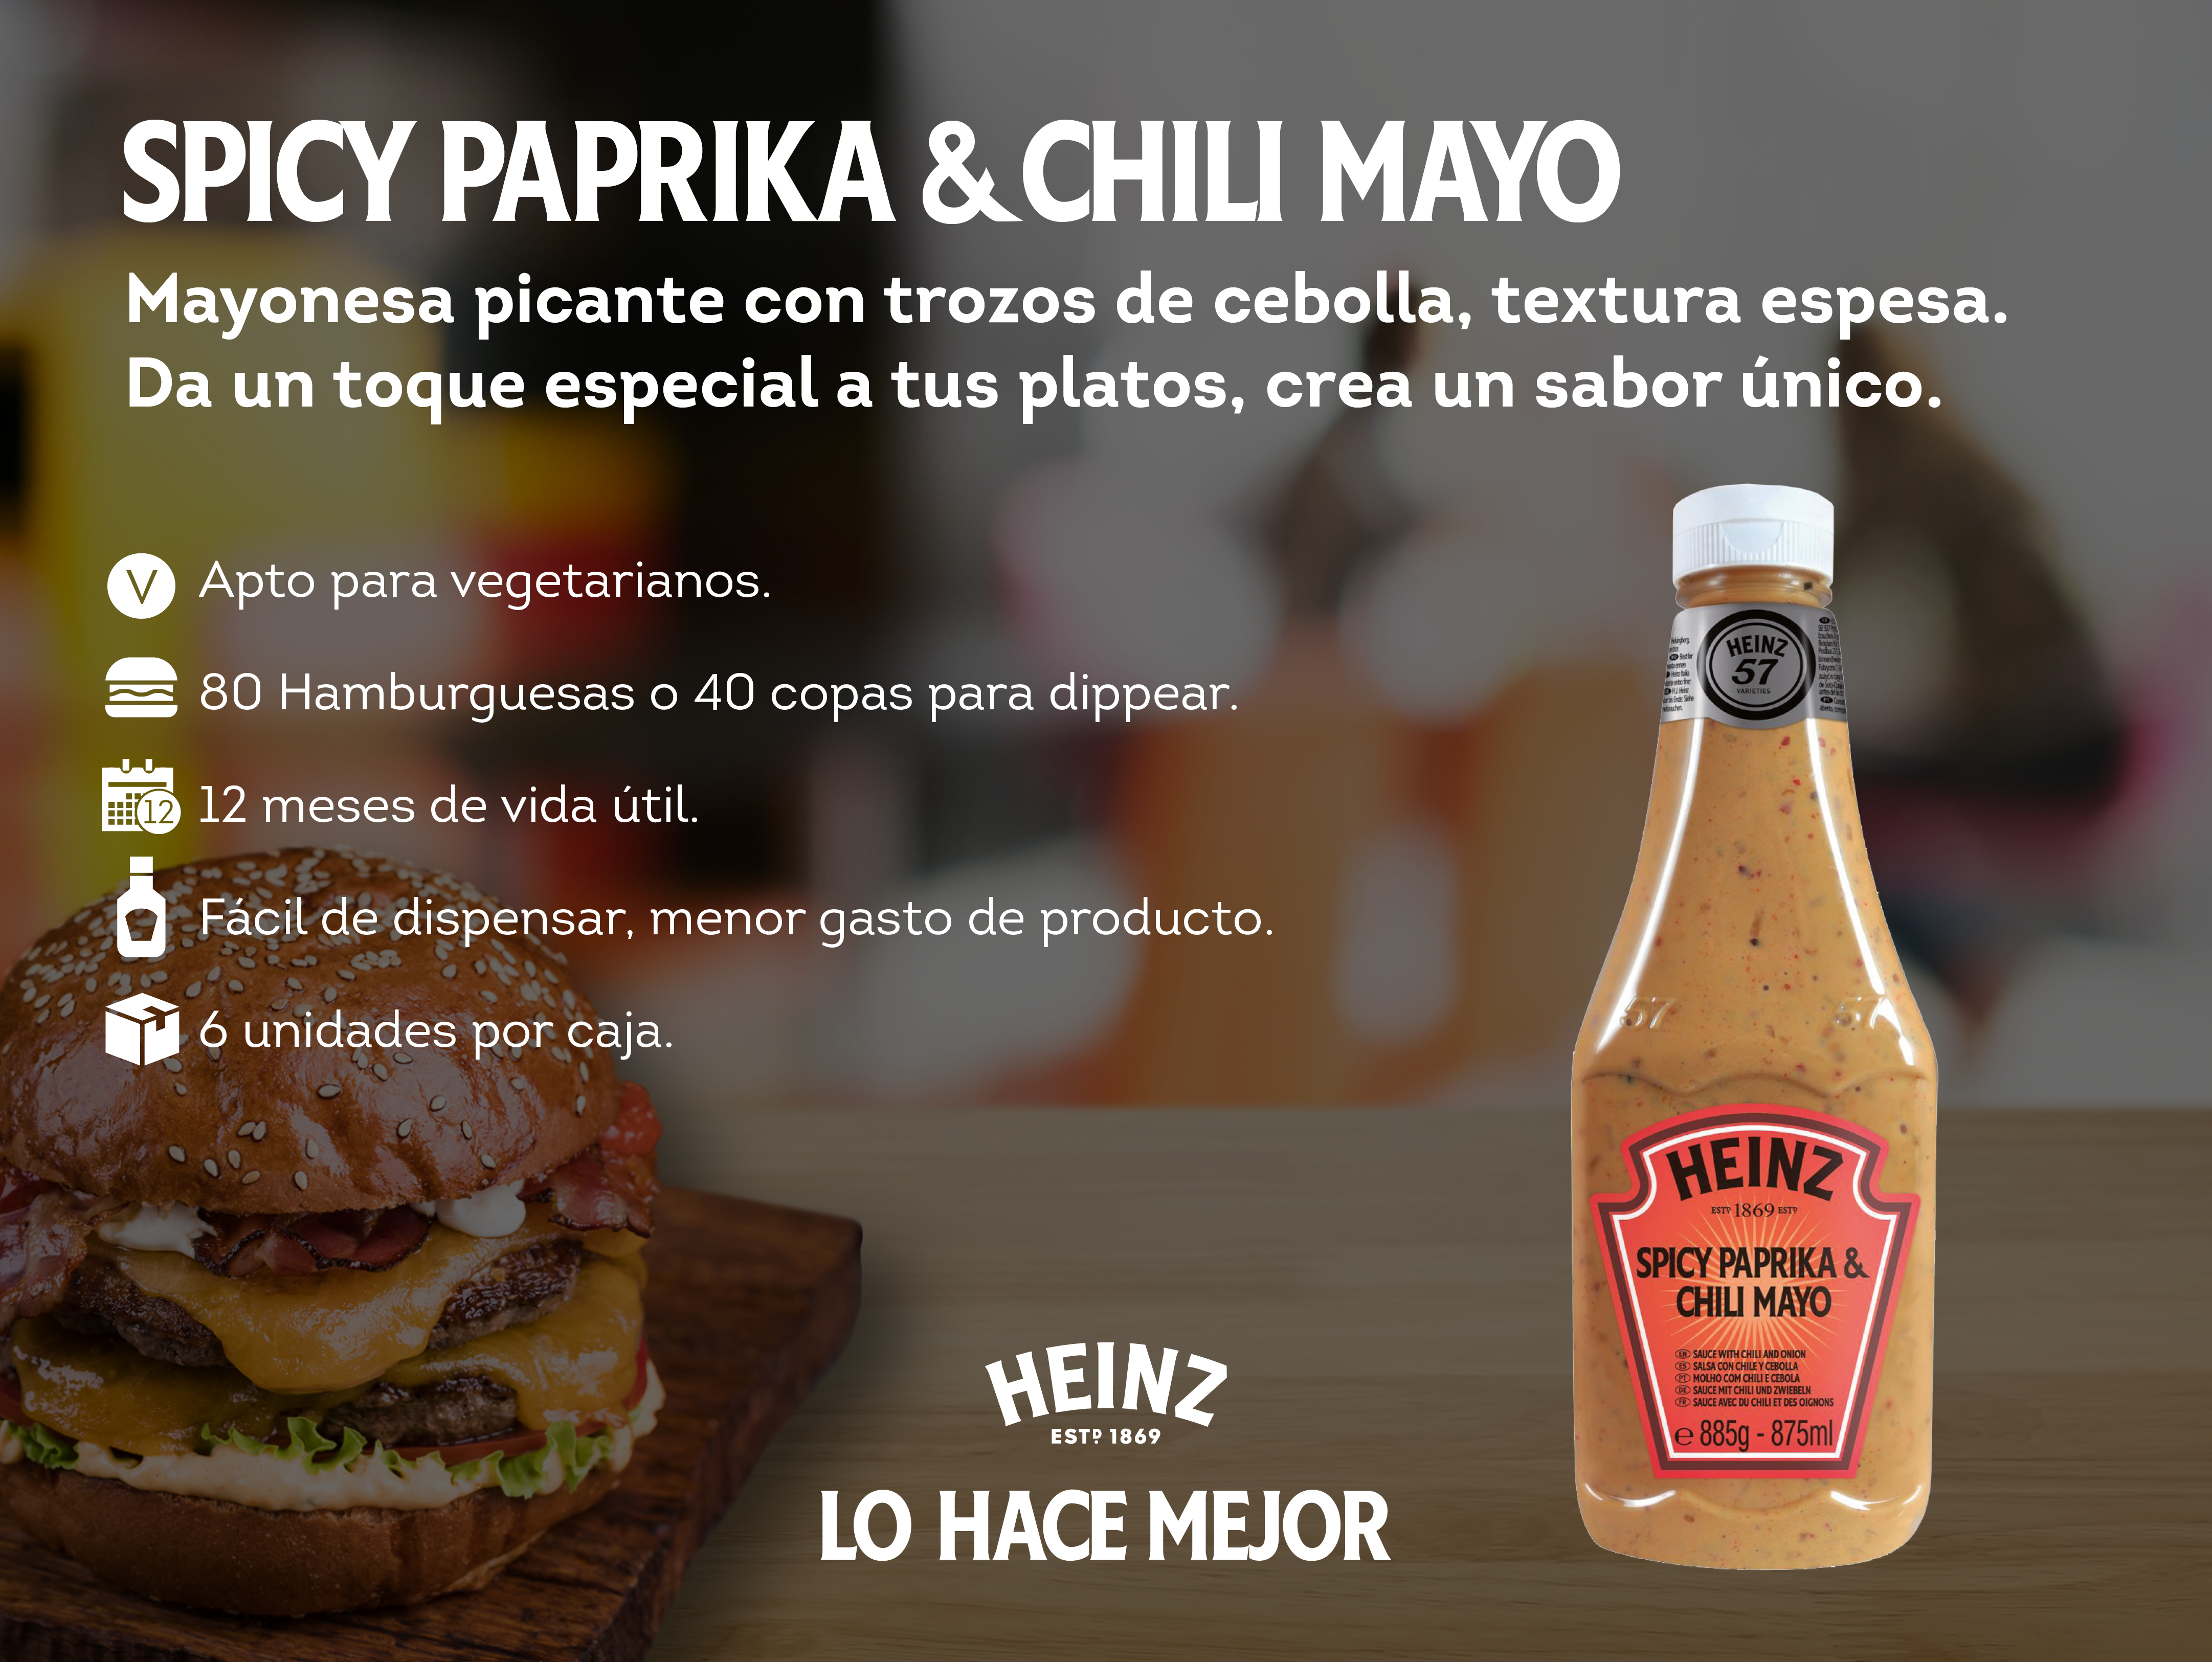 Heinz Spicy Paprika & Chili Mayo 875ml